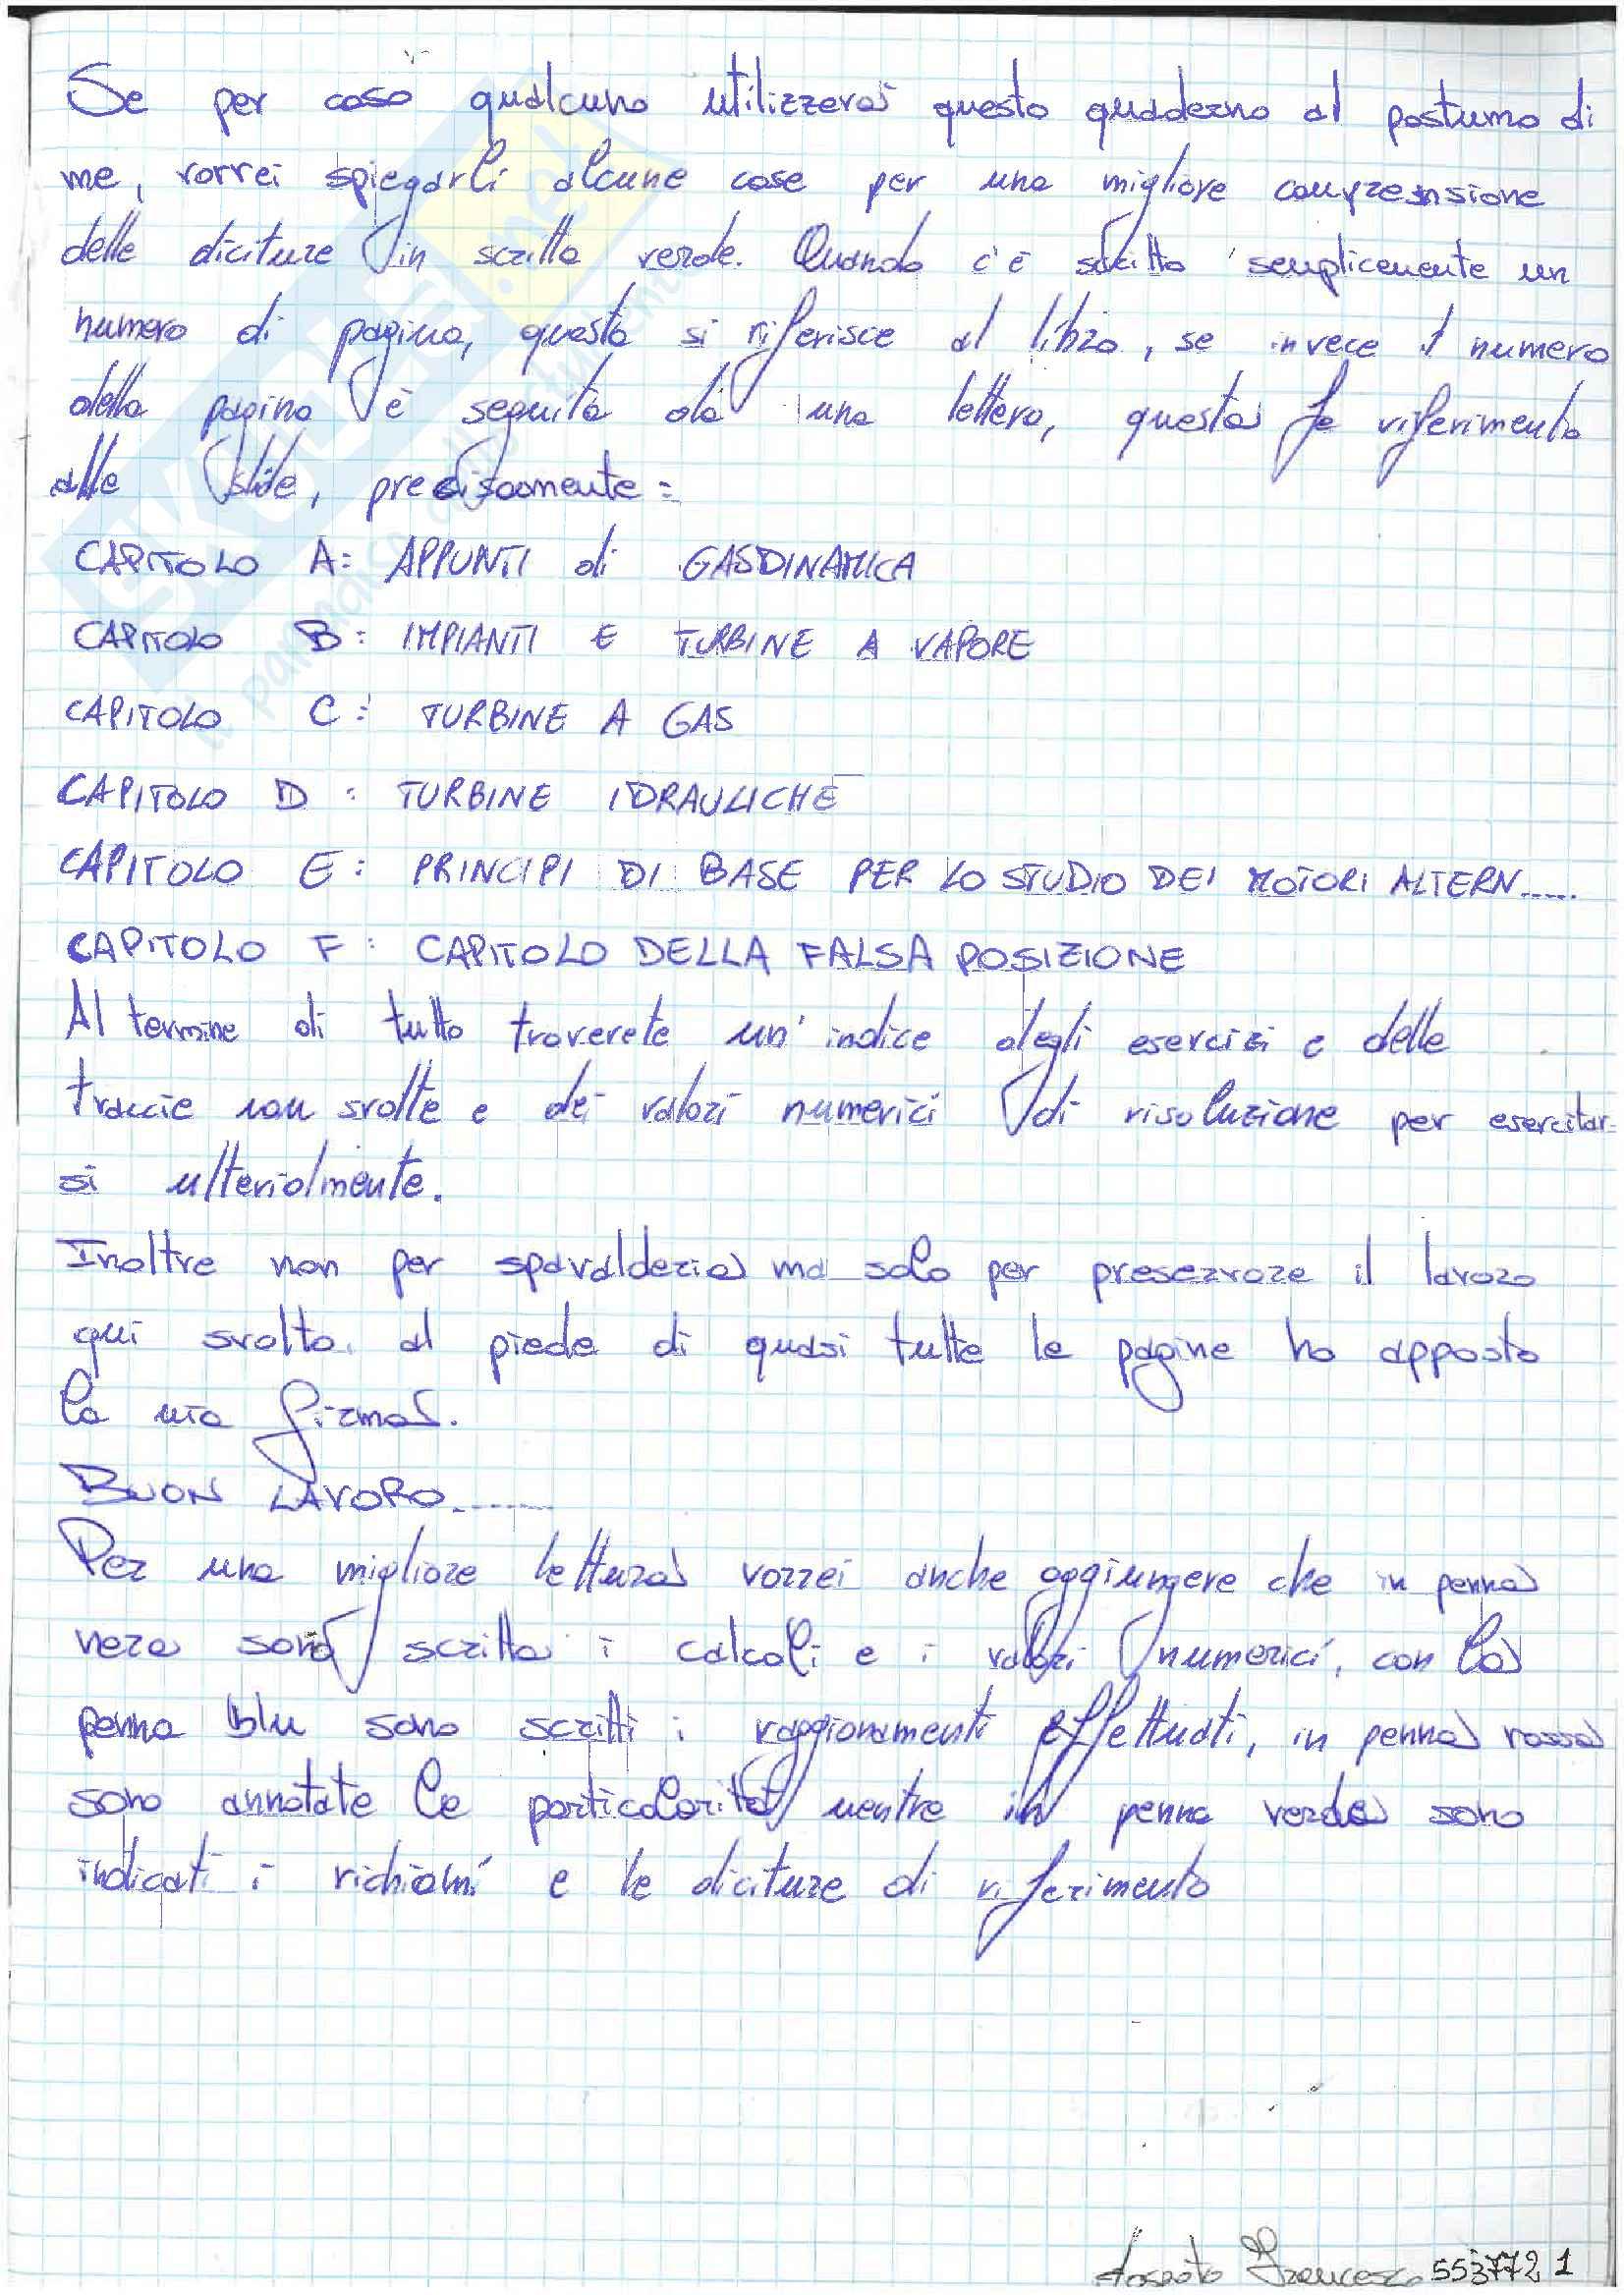 Tracce di Seimafi Pag. 1